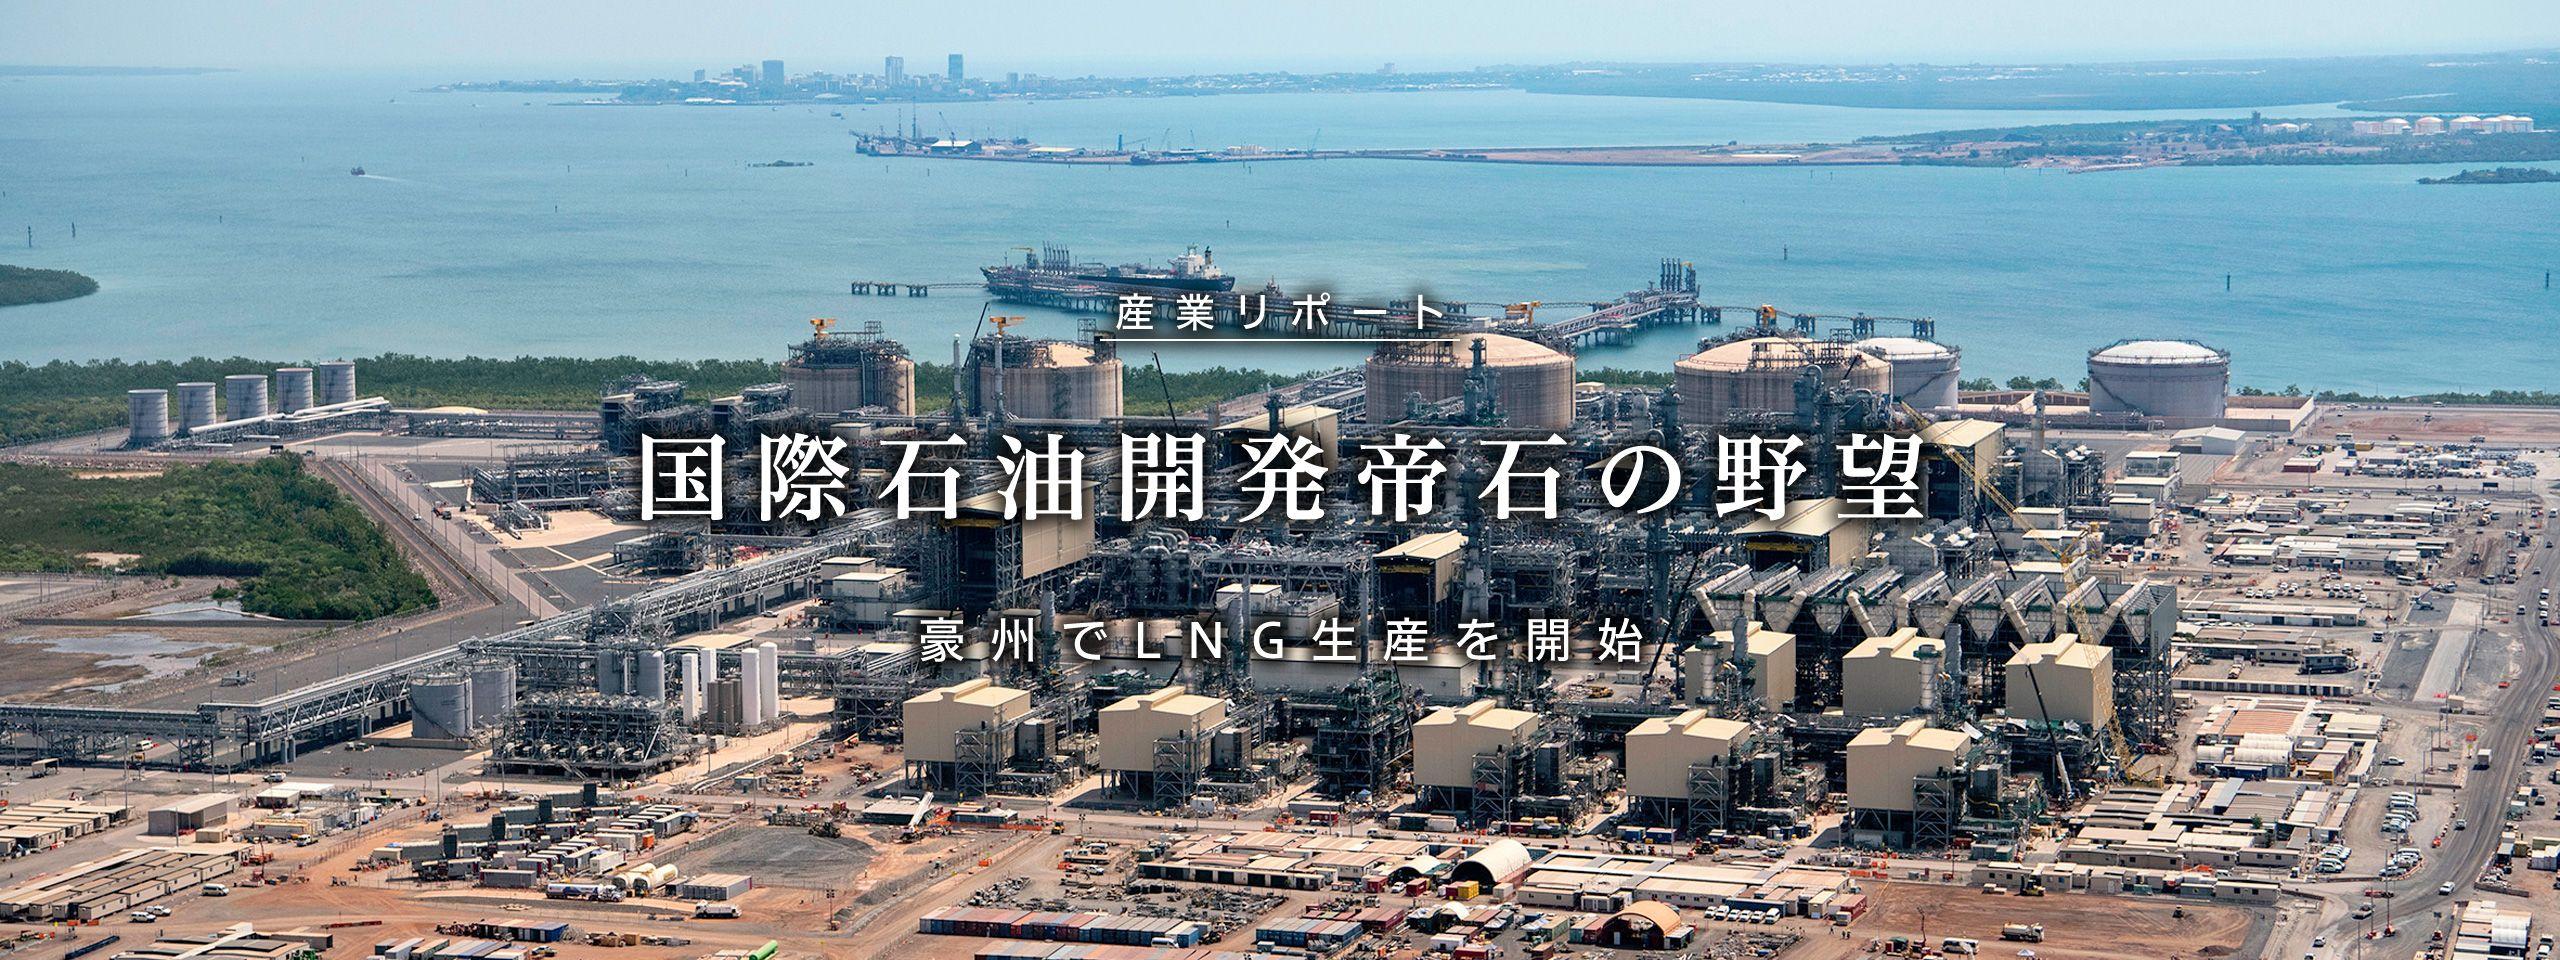 開発 石 石油 国際 帝